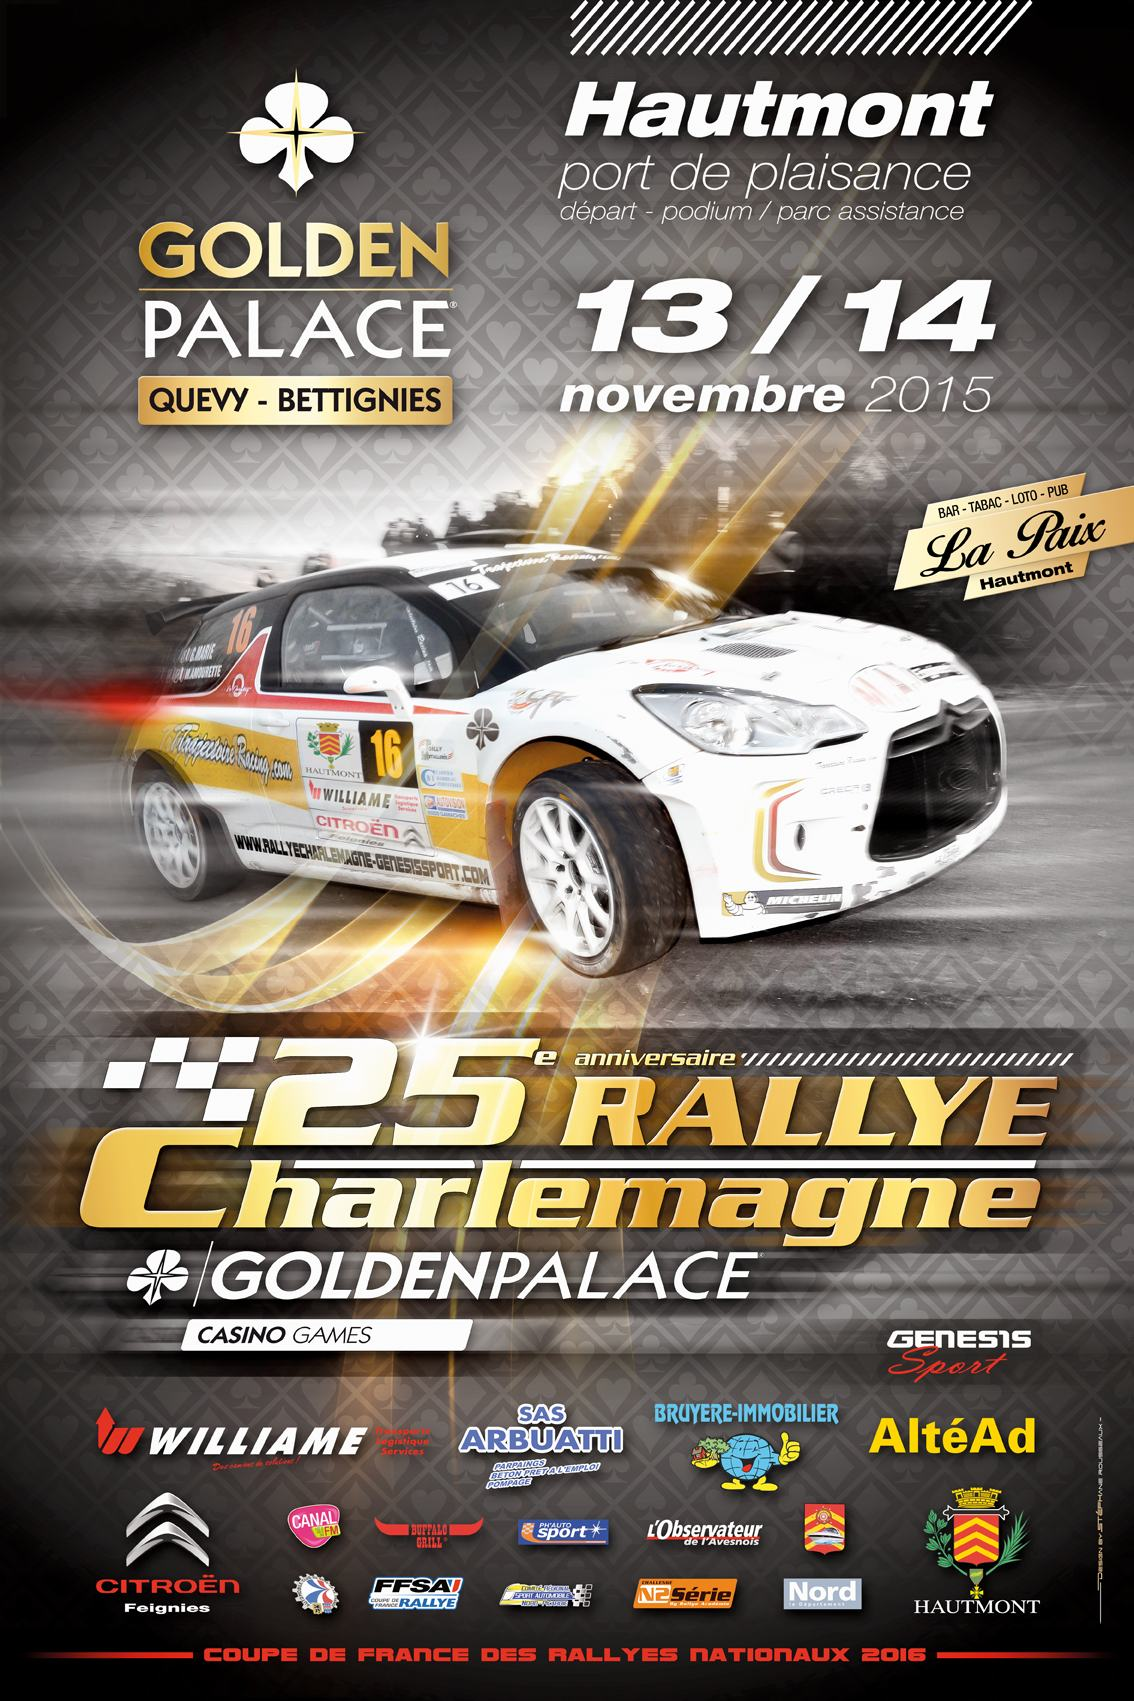 Liste des engag s rallye de charlemagne 2015 - Calendrier coupe de france des rallyes 2015 ...